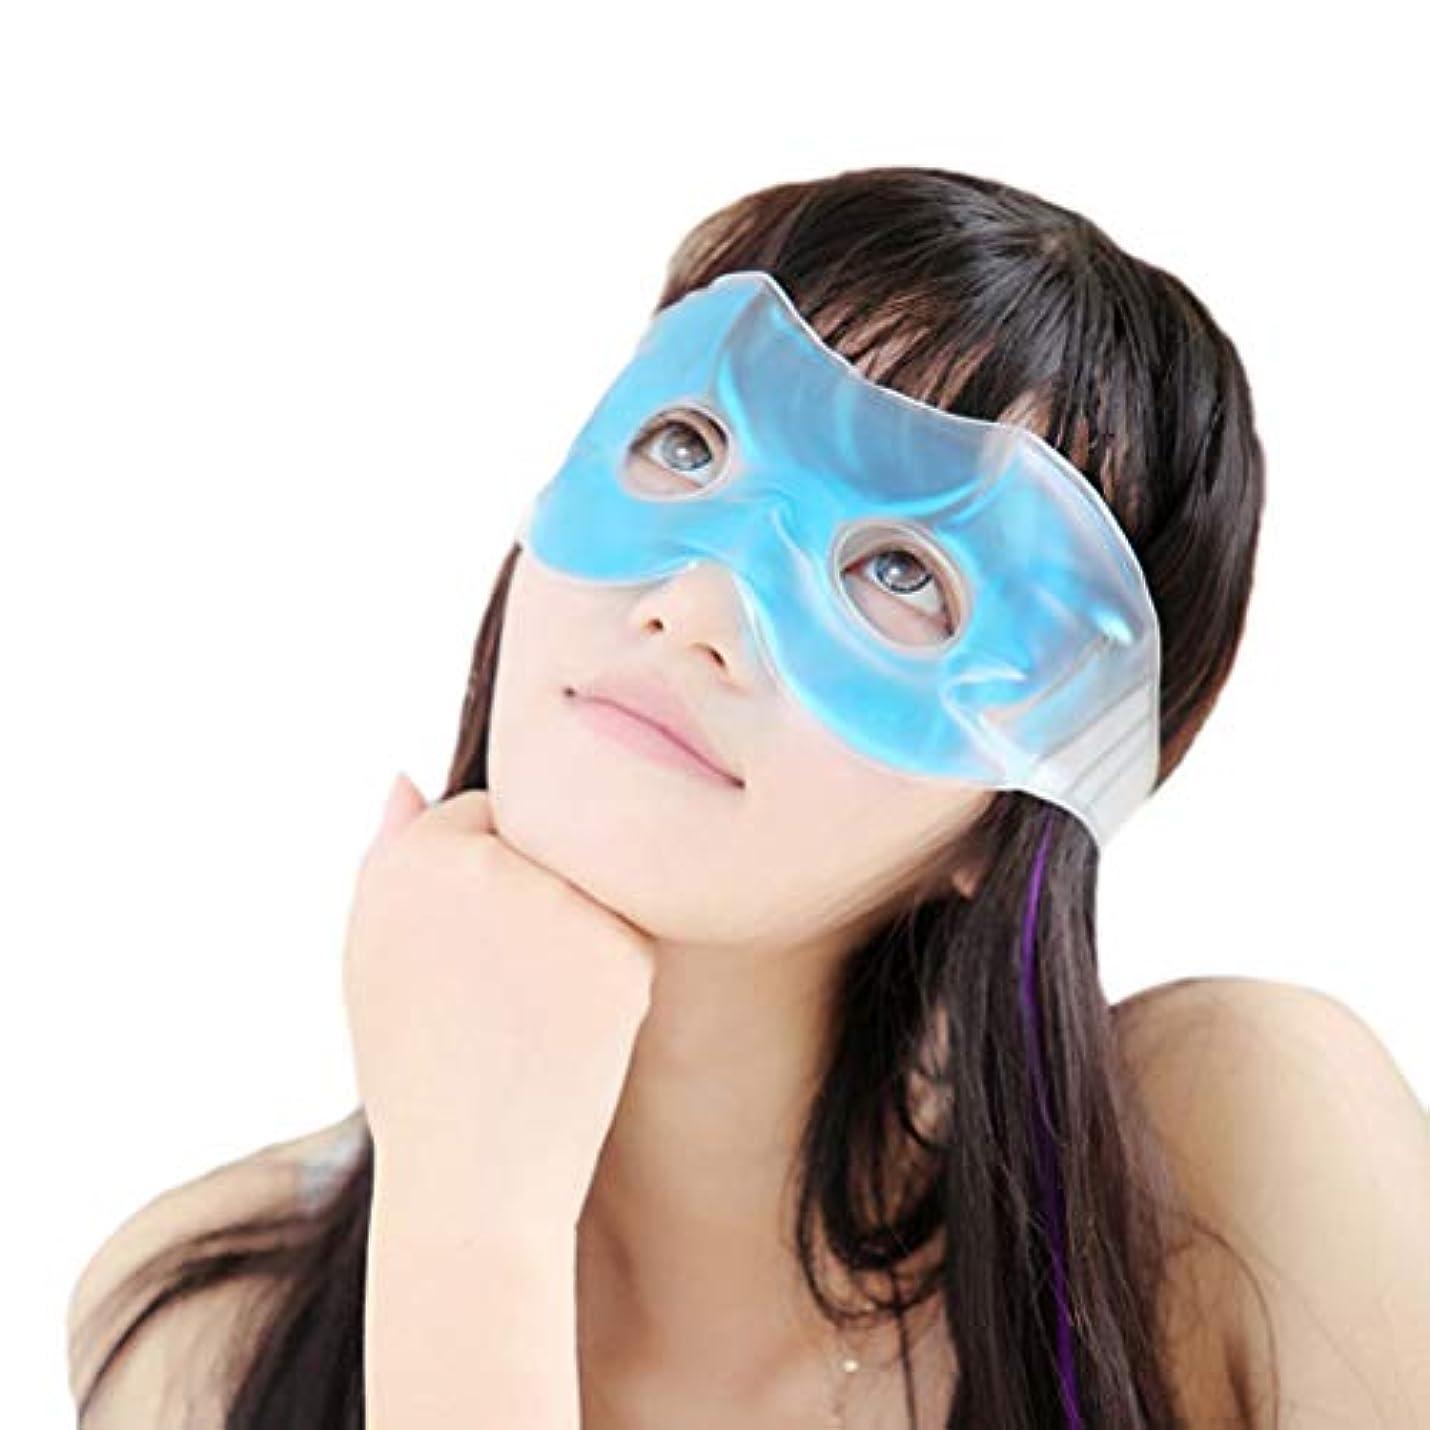 コンパクトボード足首Healifty アイマスク ゲル アイスパッド アイスアイマスク 目隠し リラックス 冷却 パック 再使用可能 目の疲れ軽減 安眠 血行促進